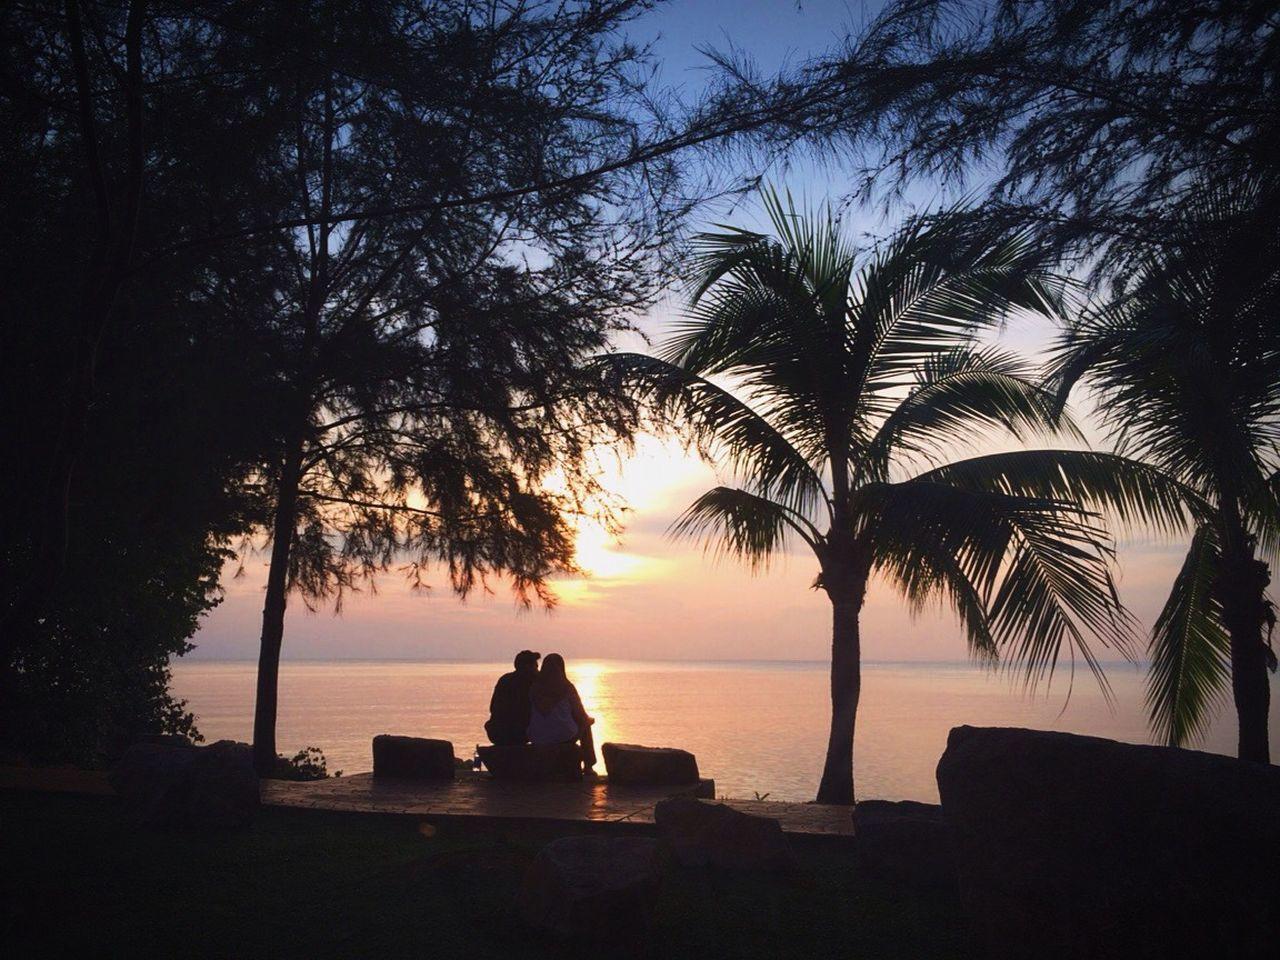 Semua yang ada dalam hidup ialah kejutan. Seperti kau yang tiba-tiba ada, lalu tiba-tiba saja aku bahagia. Sunset Sunrise Silhouette Streetphotography Panorama EyeEm Malaysia Landscape Beach